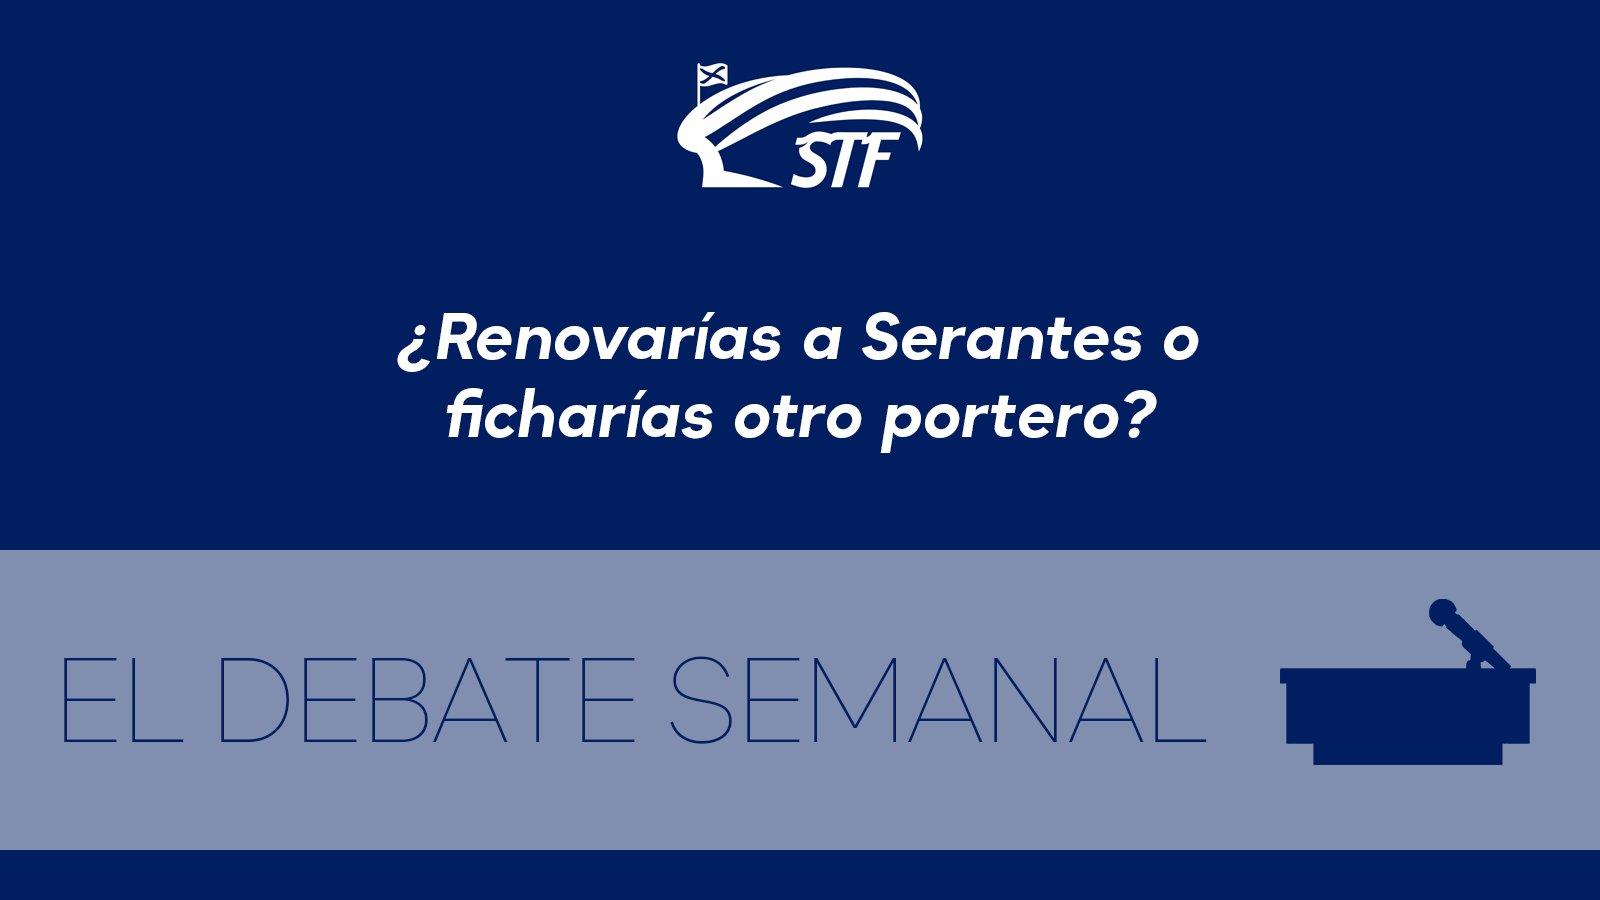 El Debate Semanal: ¿Renovarías a Serantes con el CD Tenerife o ficharías otro portero? El 75'9% dice sí a renovarlo